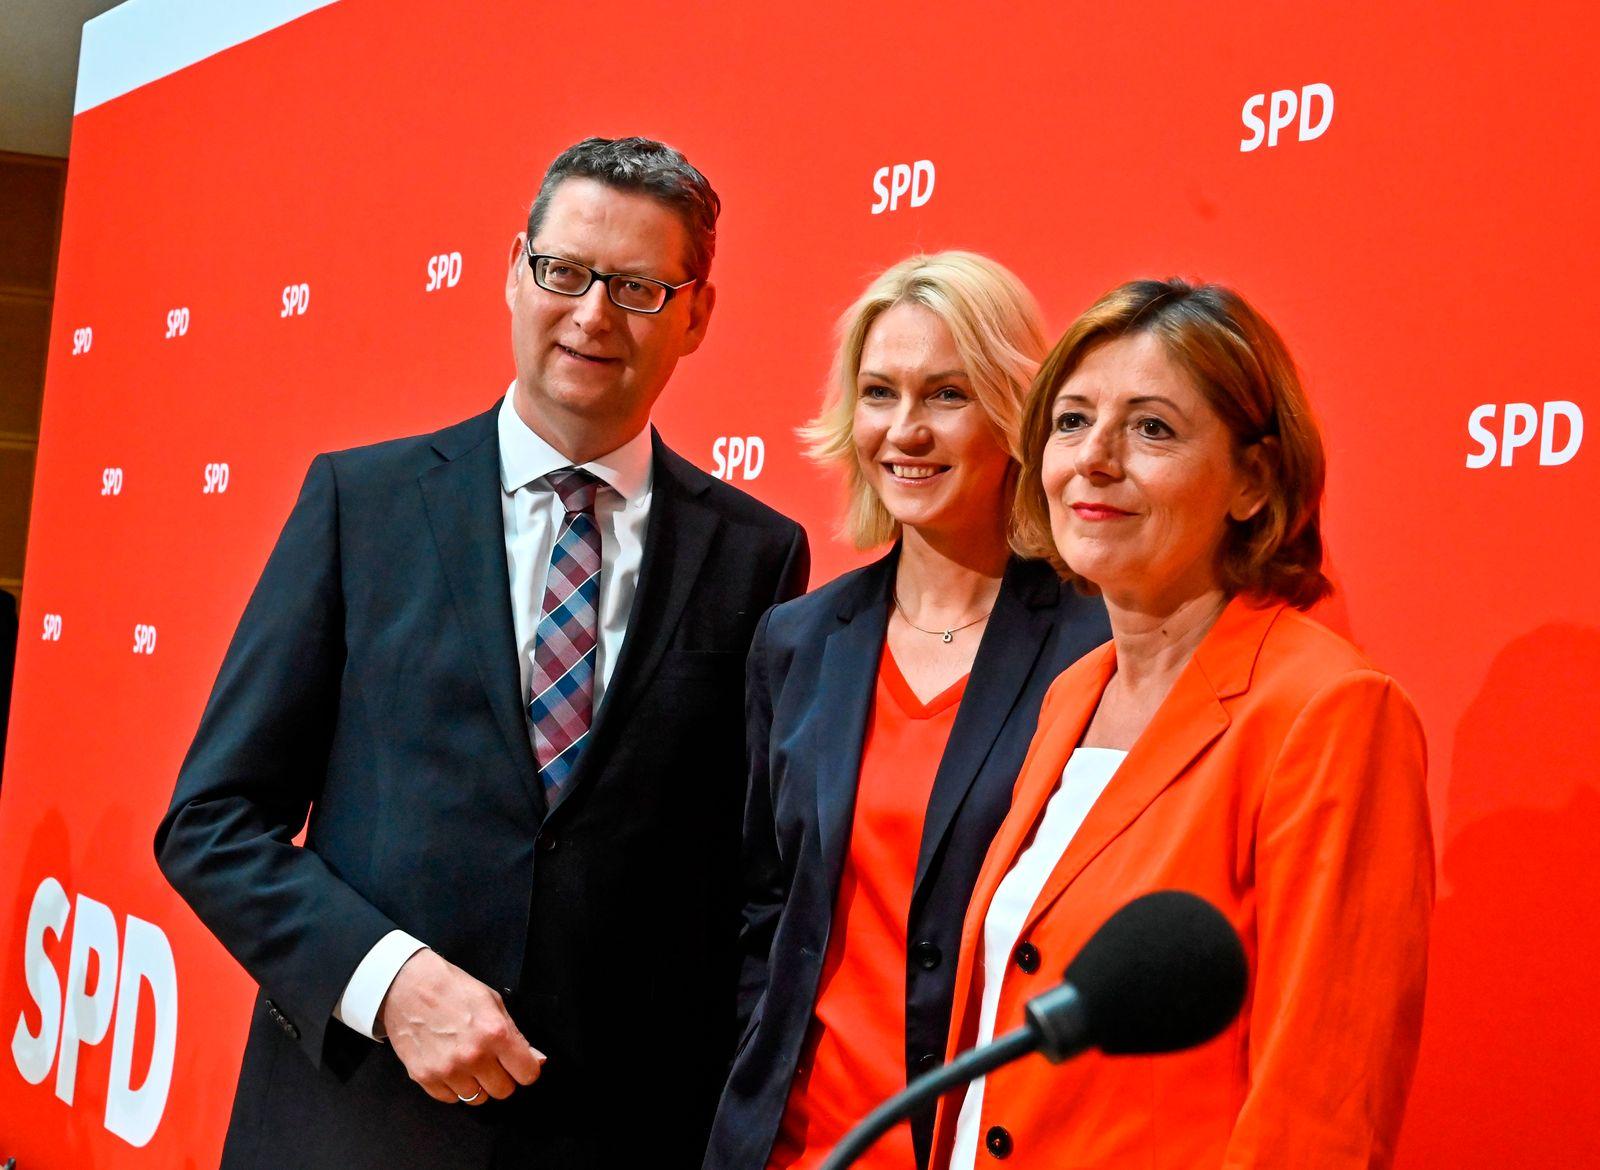 Thorsten Schäfer-Gümbel / Manuela Schwesig / Malu Dreyer